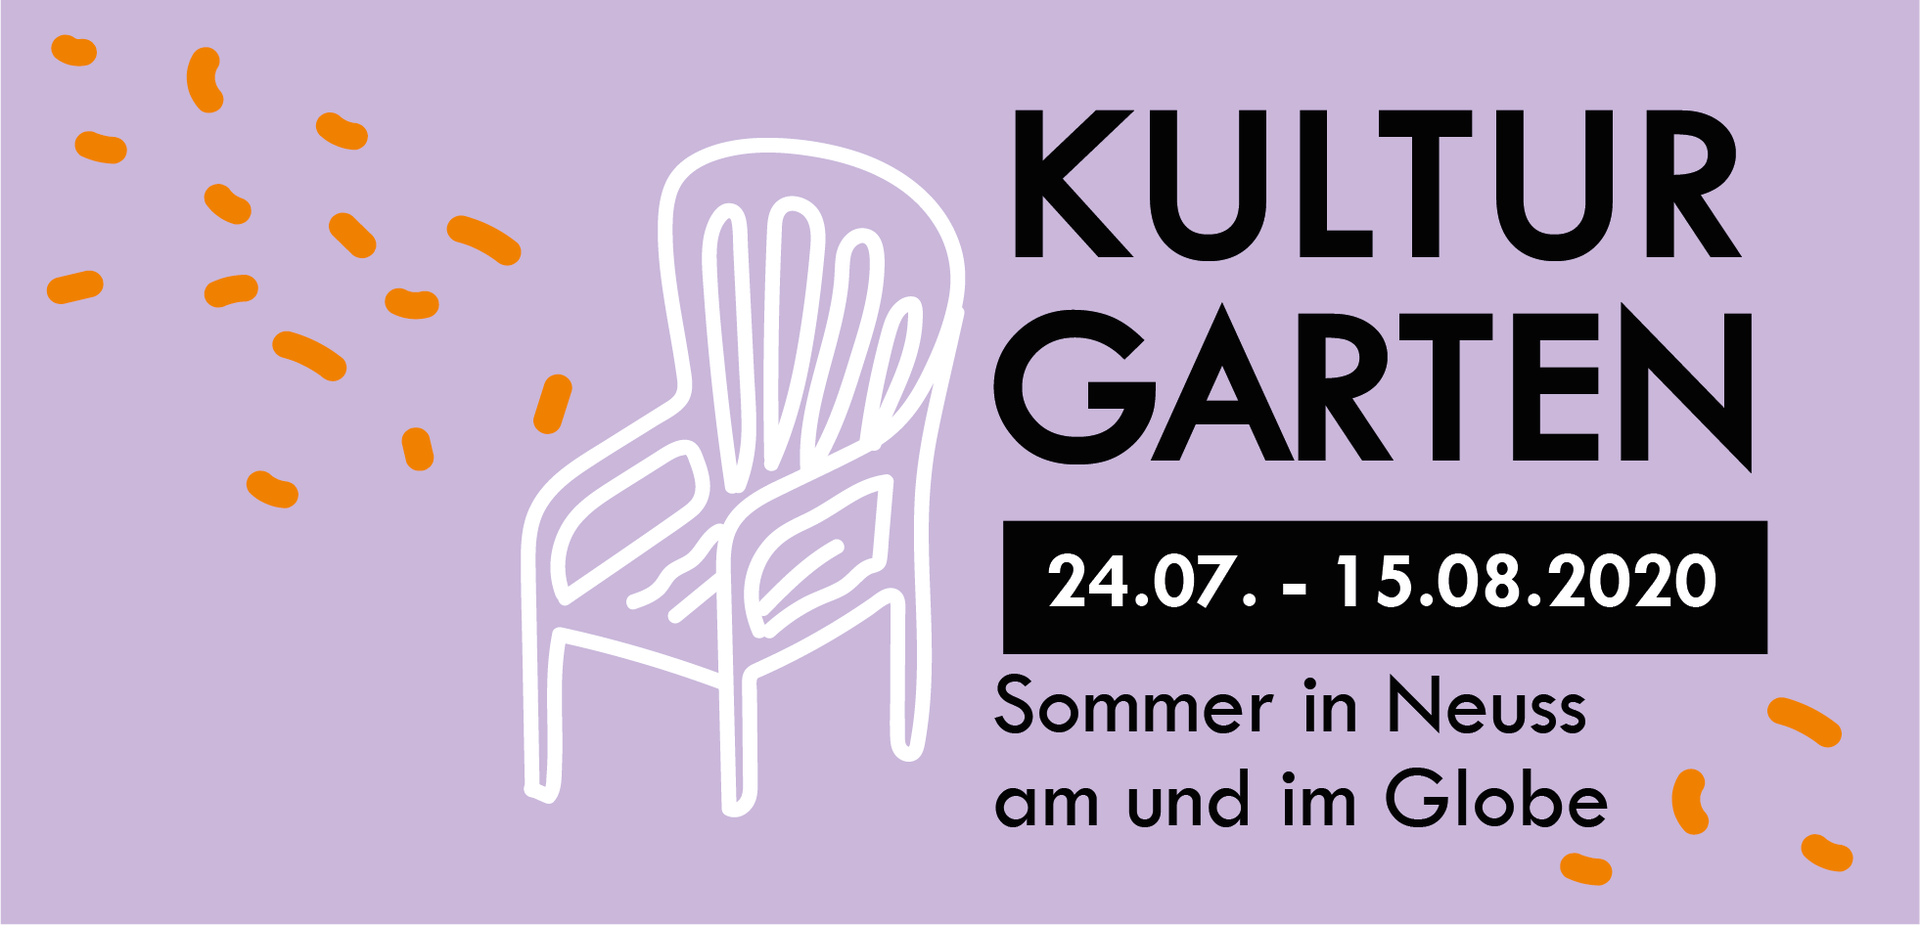 1407 Kulturgarten – Sommer in Neuss am und im Globe 01 - Logo.jpg